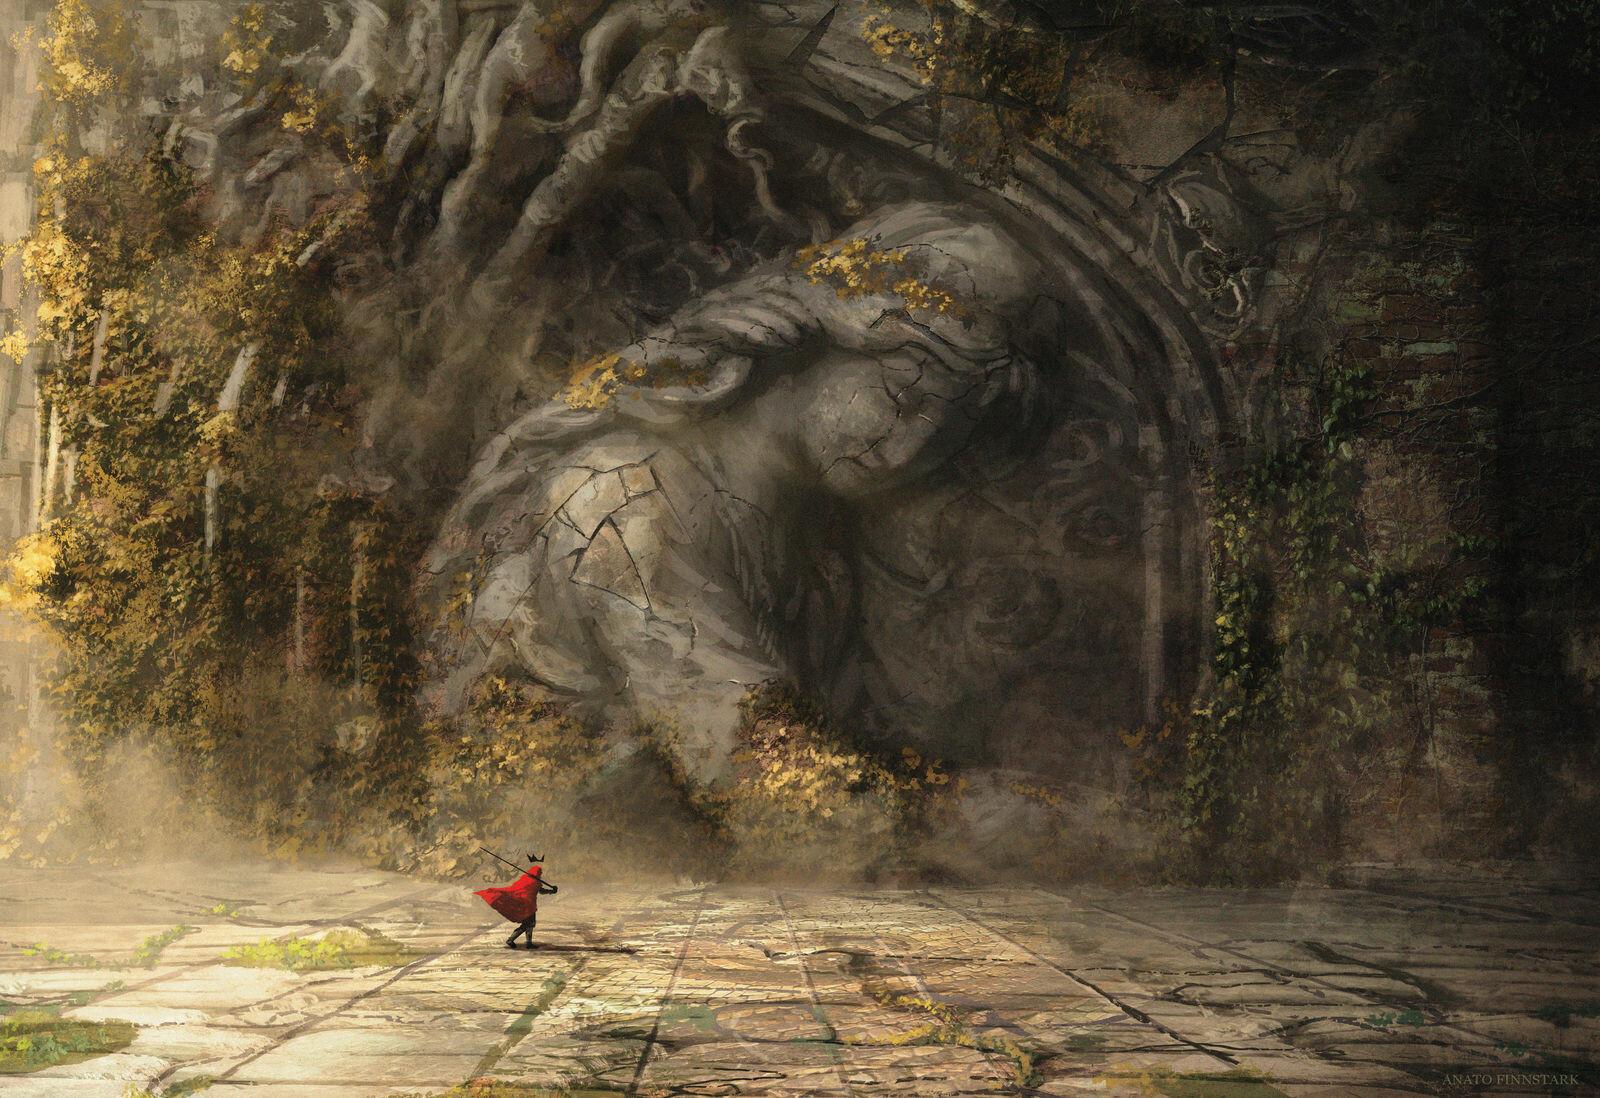 Anato finnstark the king s journey a darker path by anatofinnstark dd3u83b fullview